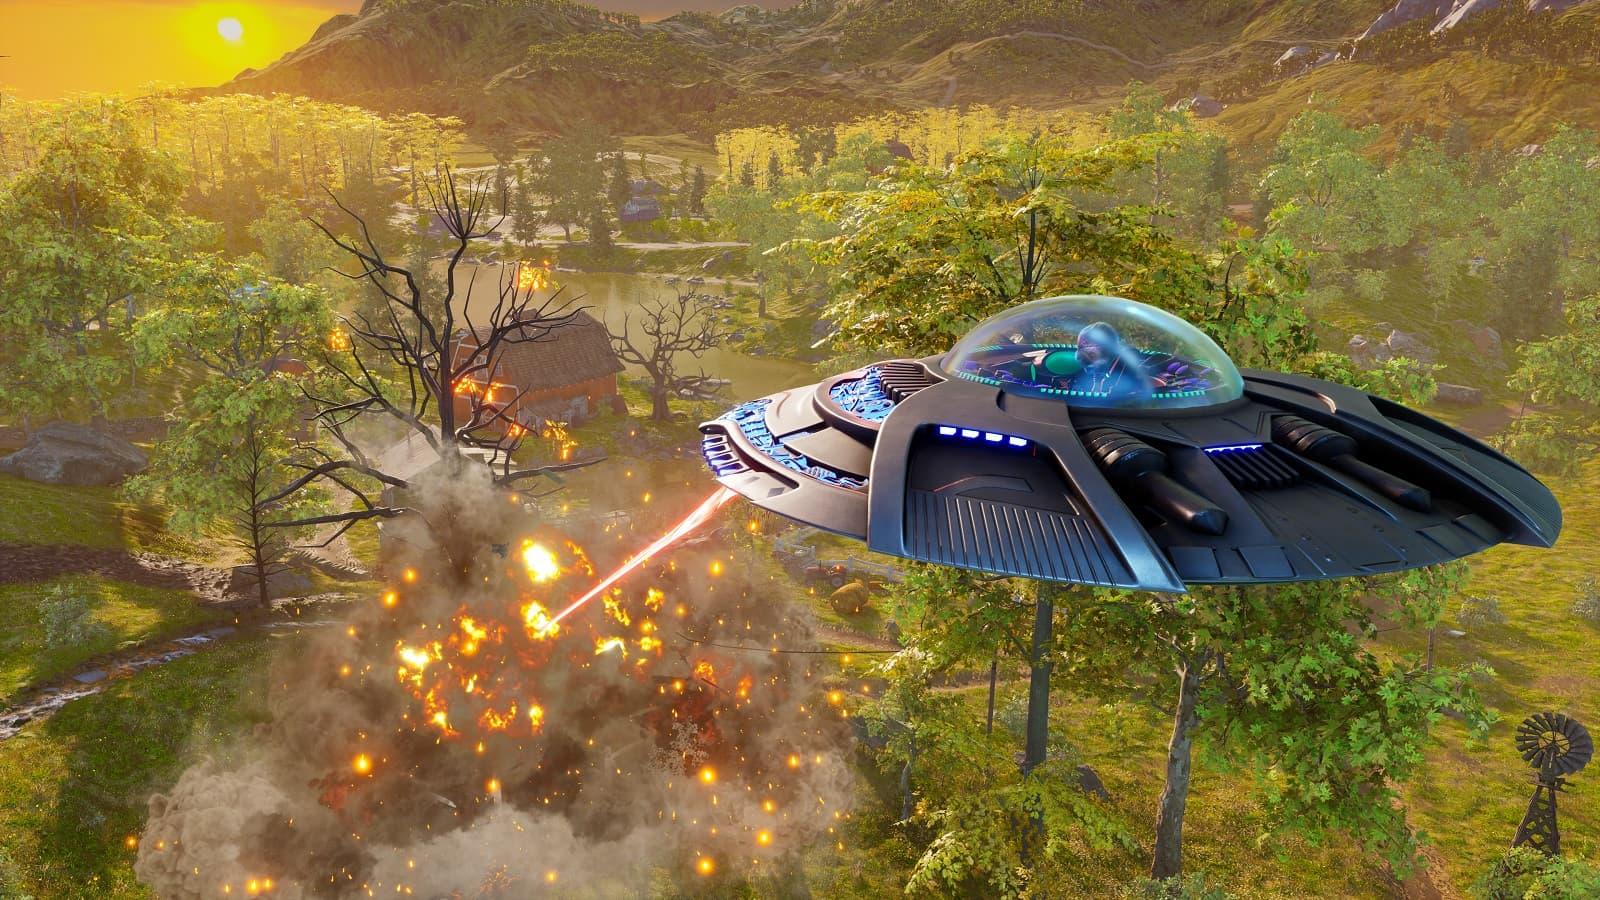 Рецензия на игру Destroy All Humans! - ремейк комедии про злобного пришельца Крипто-137 - 02